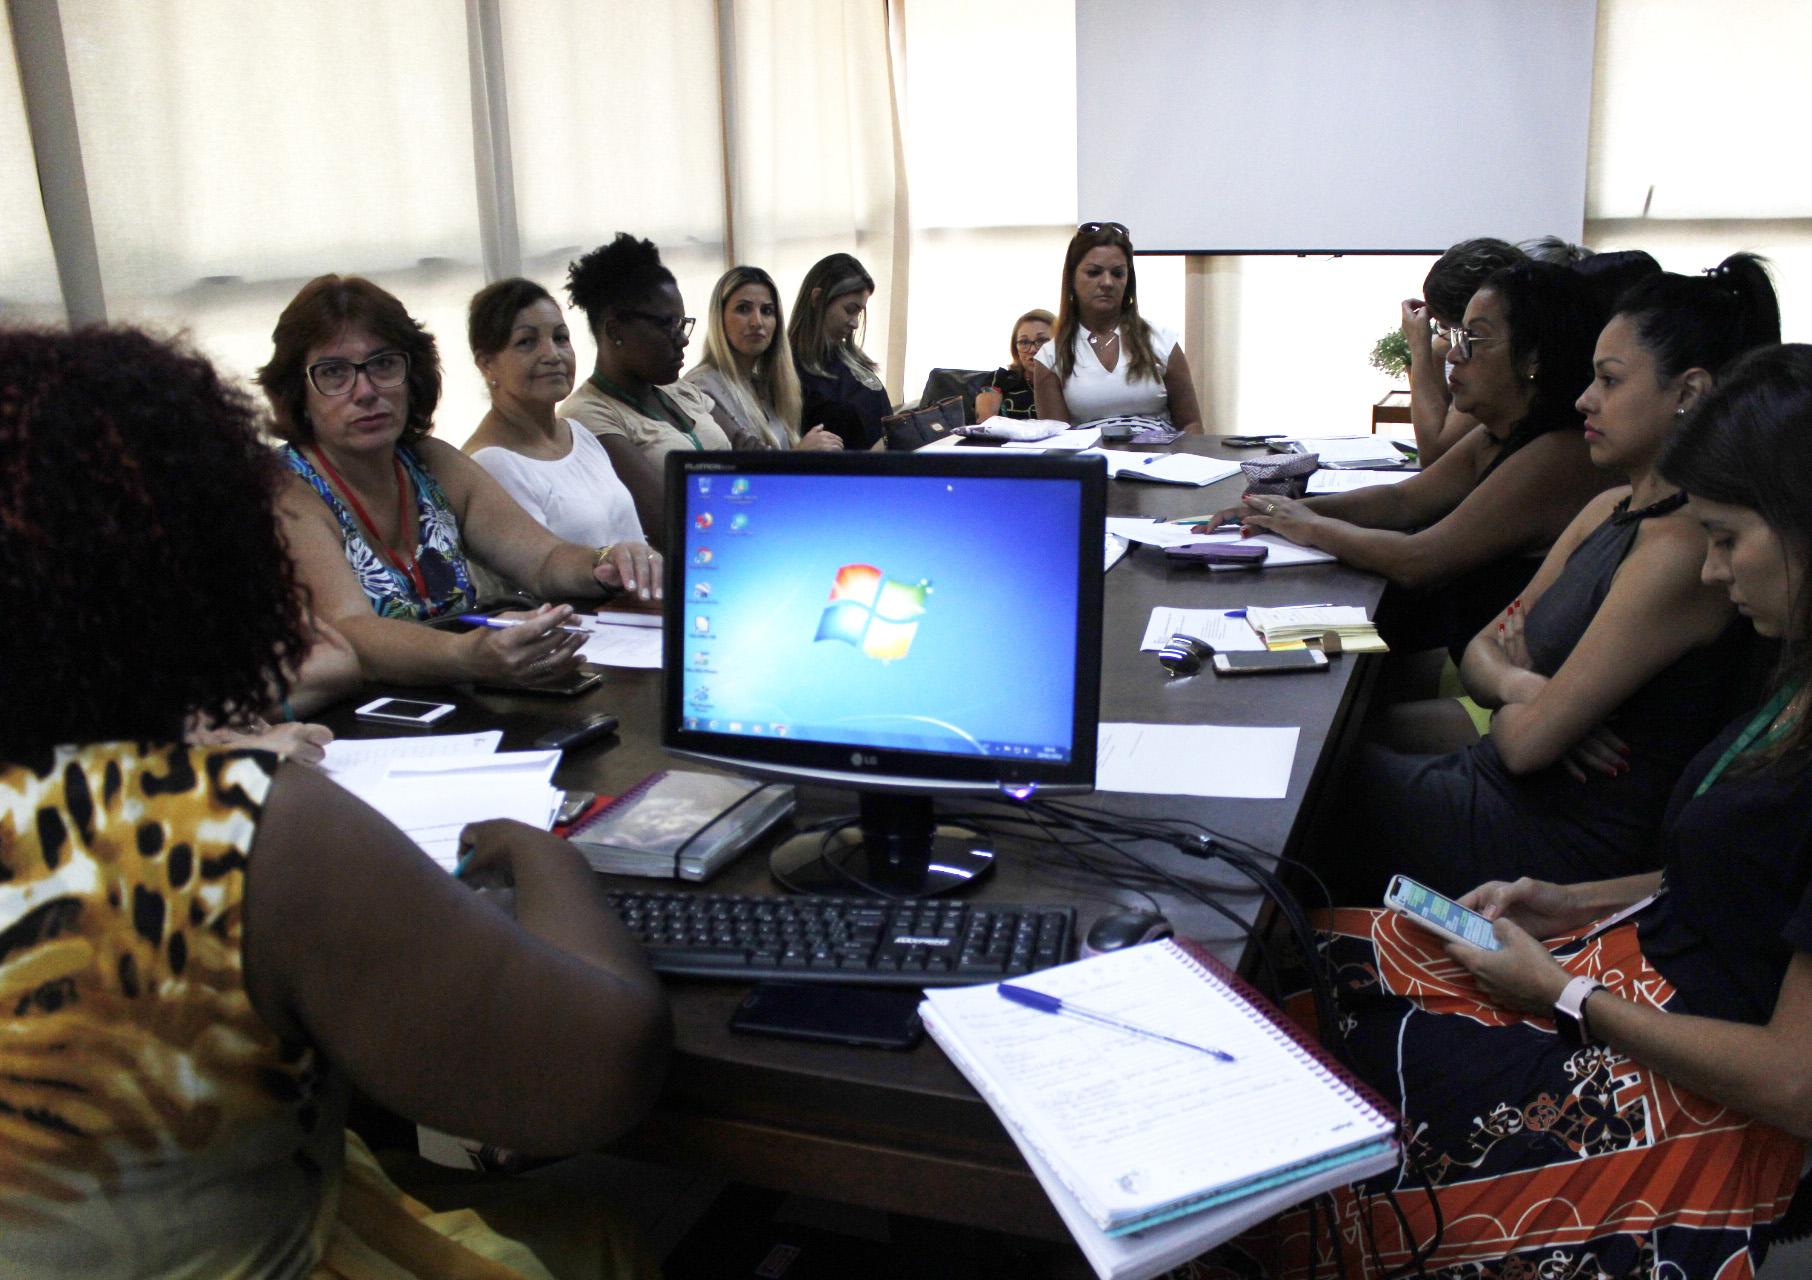 Prefeitura Municipal de Criciúma - Conselho Municipal de Direitos da Mulher programa dia 8 de março